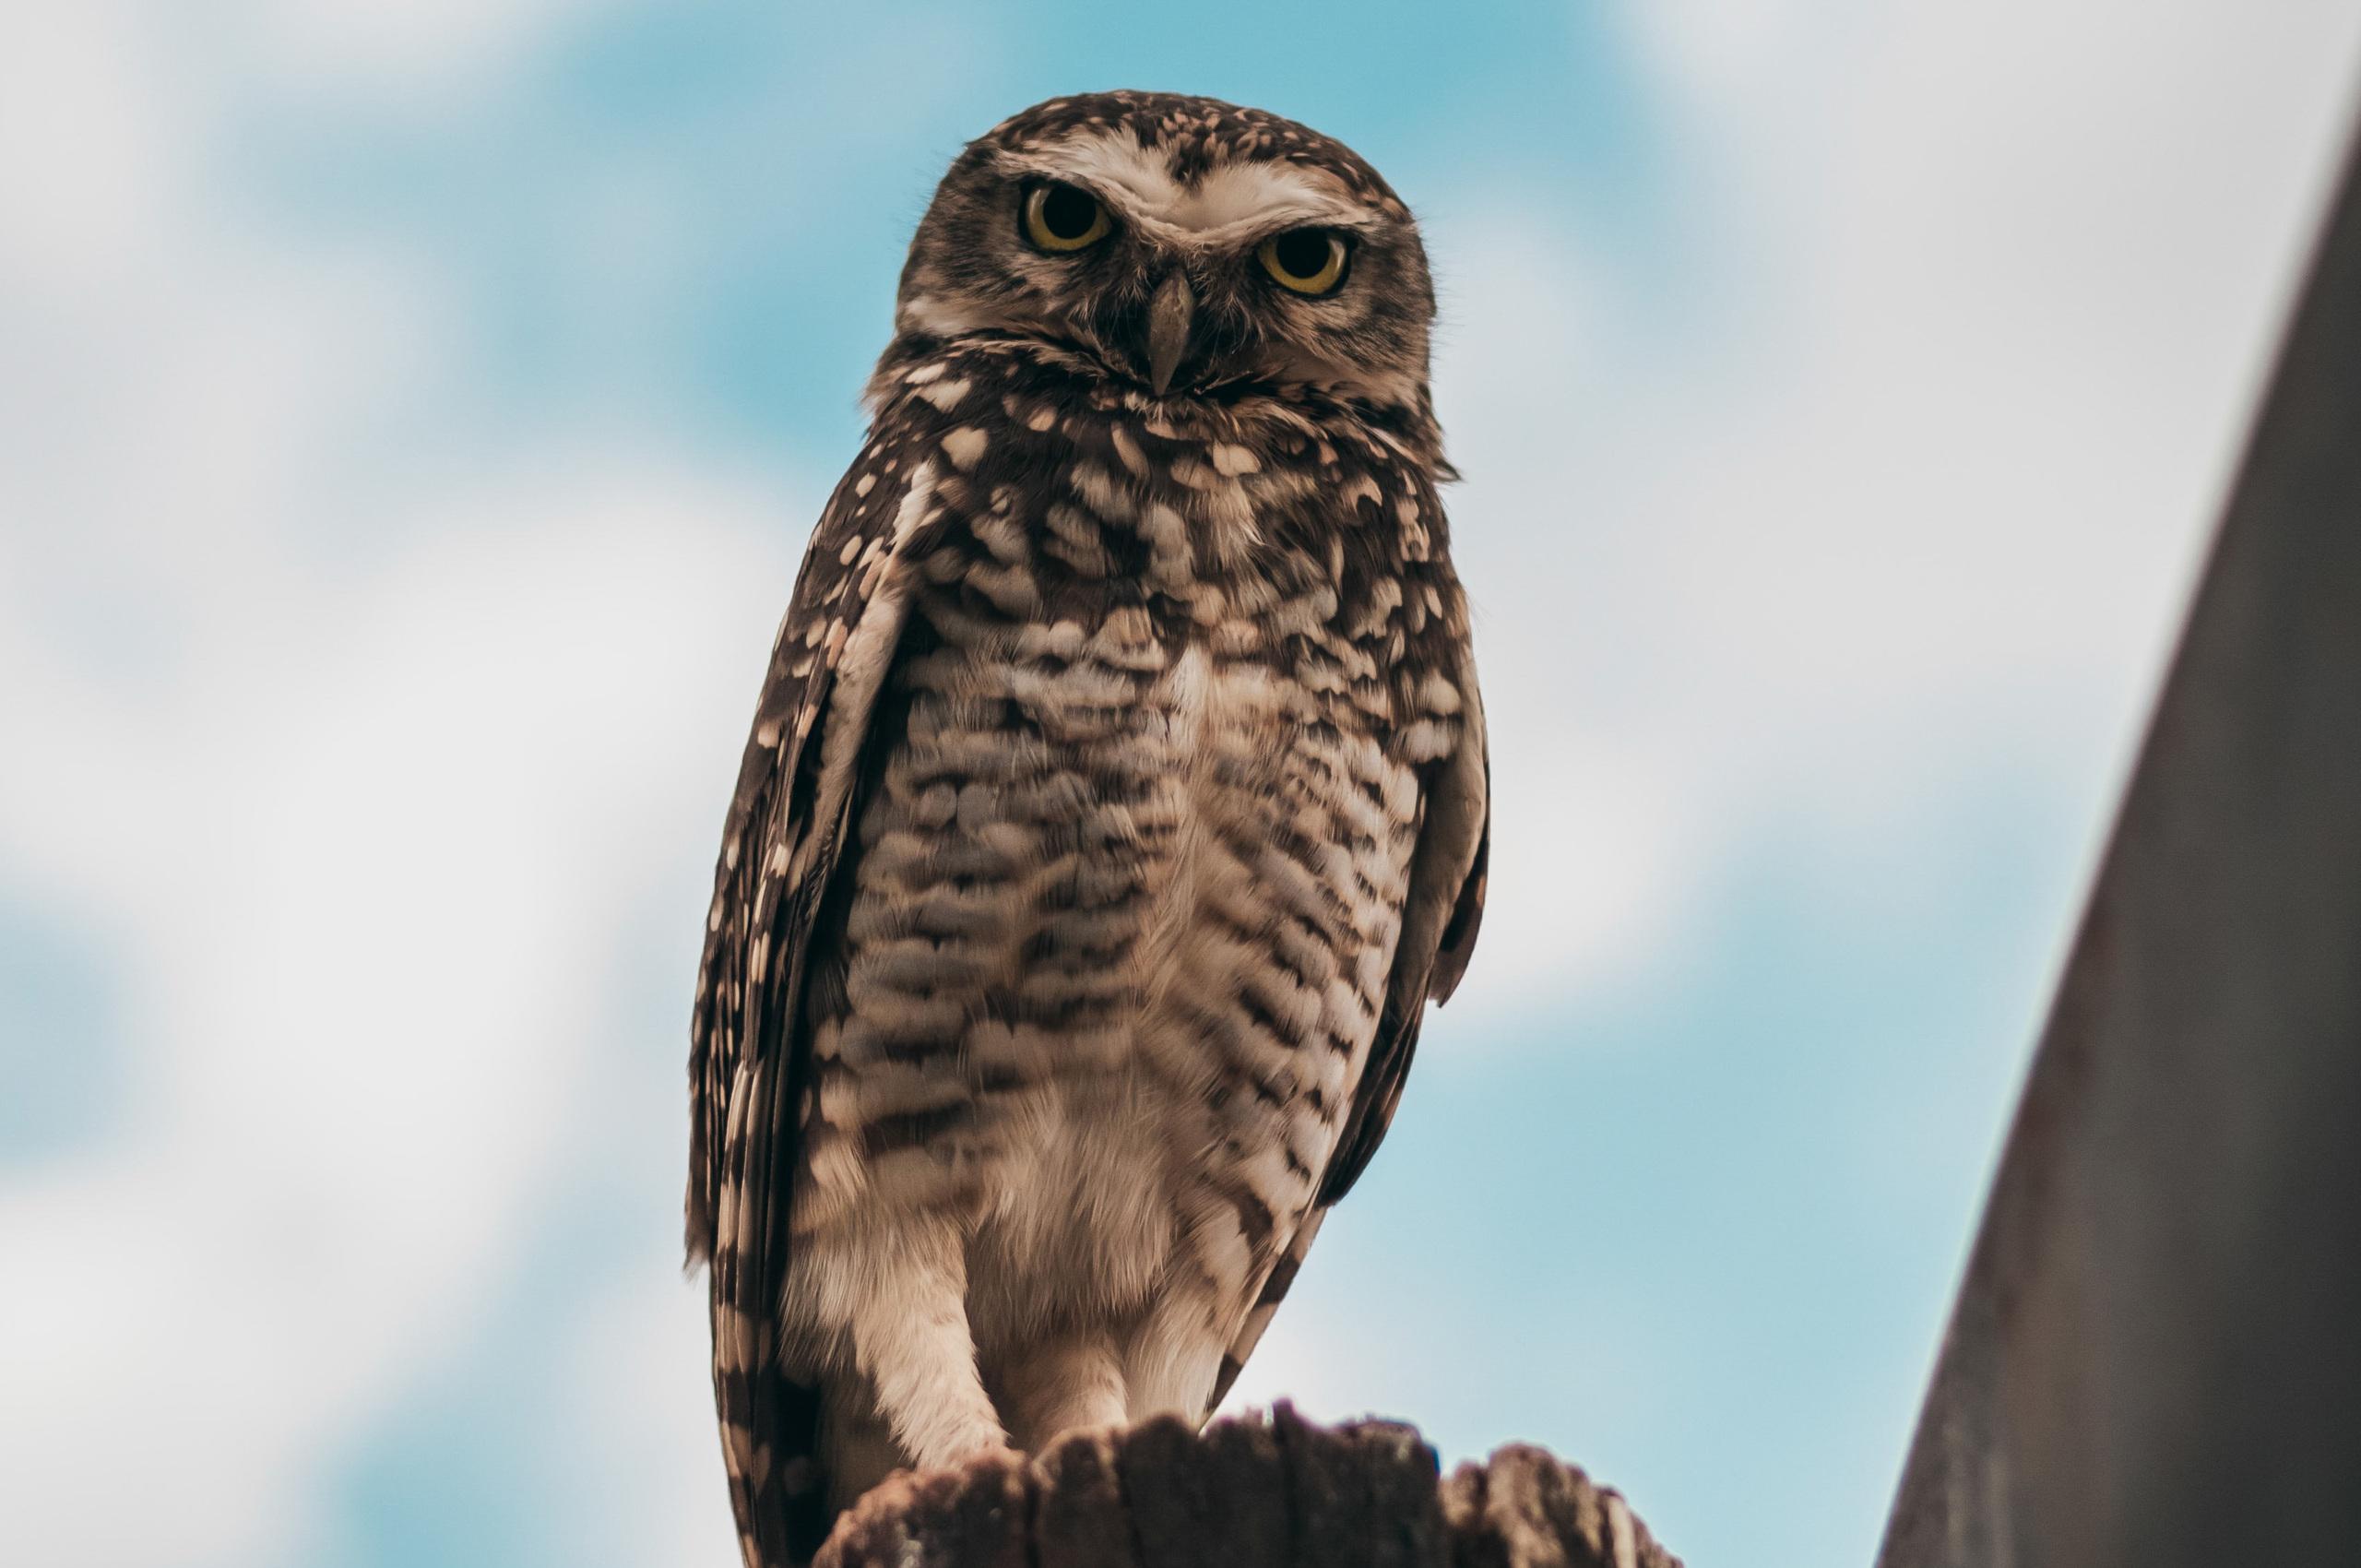 owl-bird-4k-gi.jpg